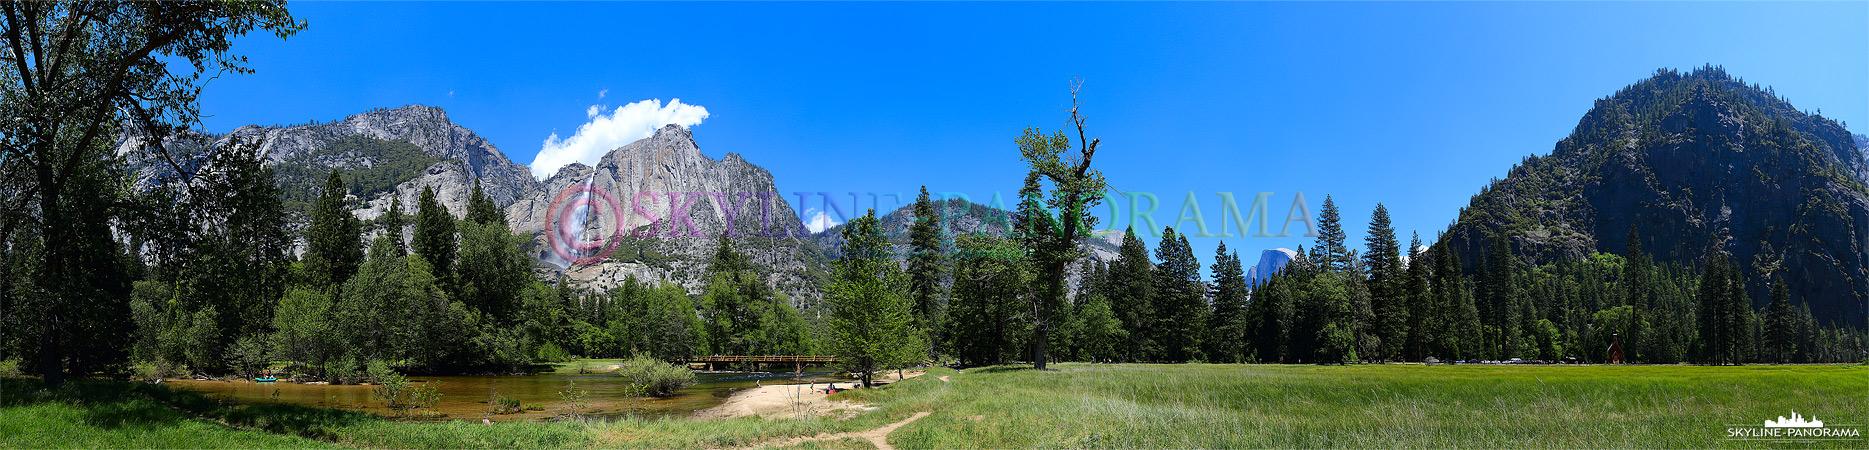 Bilder Yosemite Nationalpark - Vom südlichen Ufer des Merced Rivers, unweit der Sentinal Bridge, hat man einen tollen Ausblick auf das Yosemite Panorama...